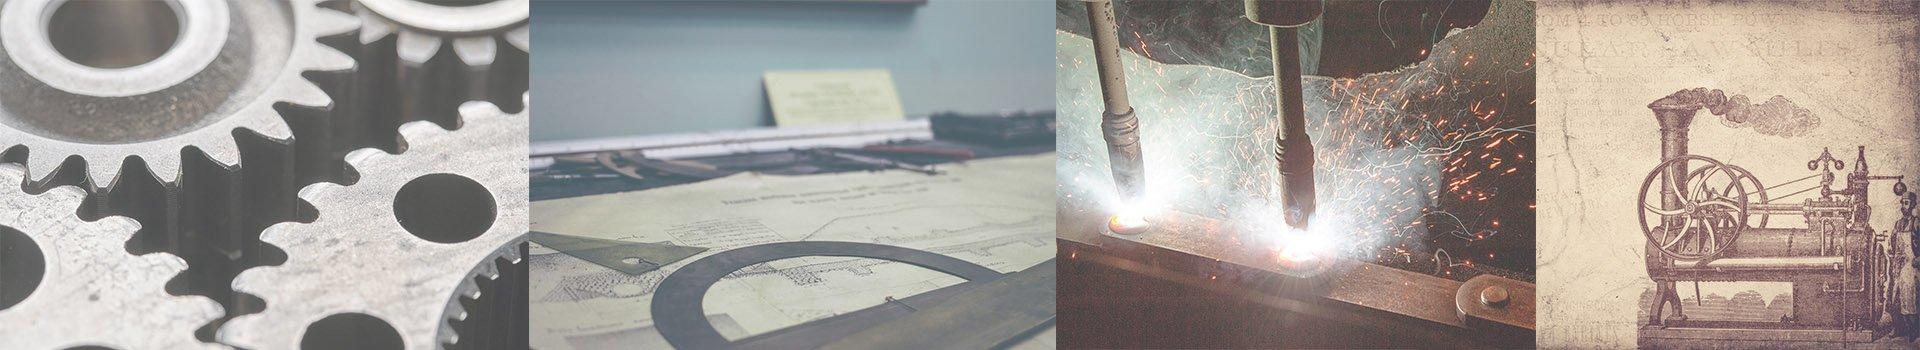 Kettenlösungen für den Anlagenbau und Maschinenbau